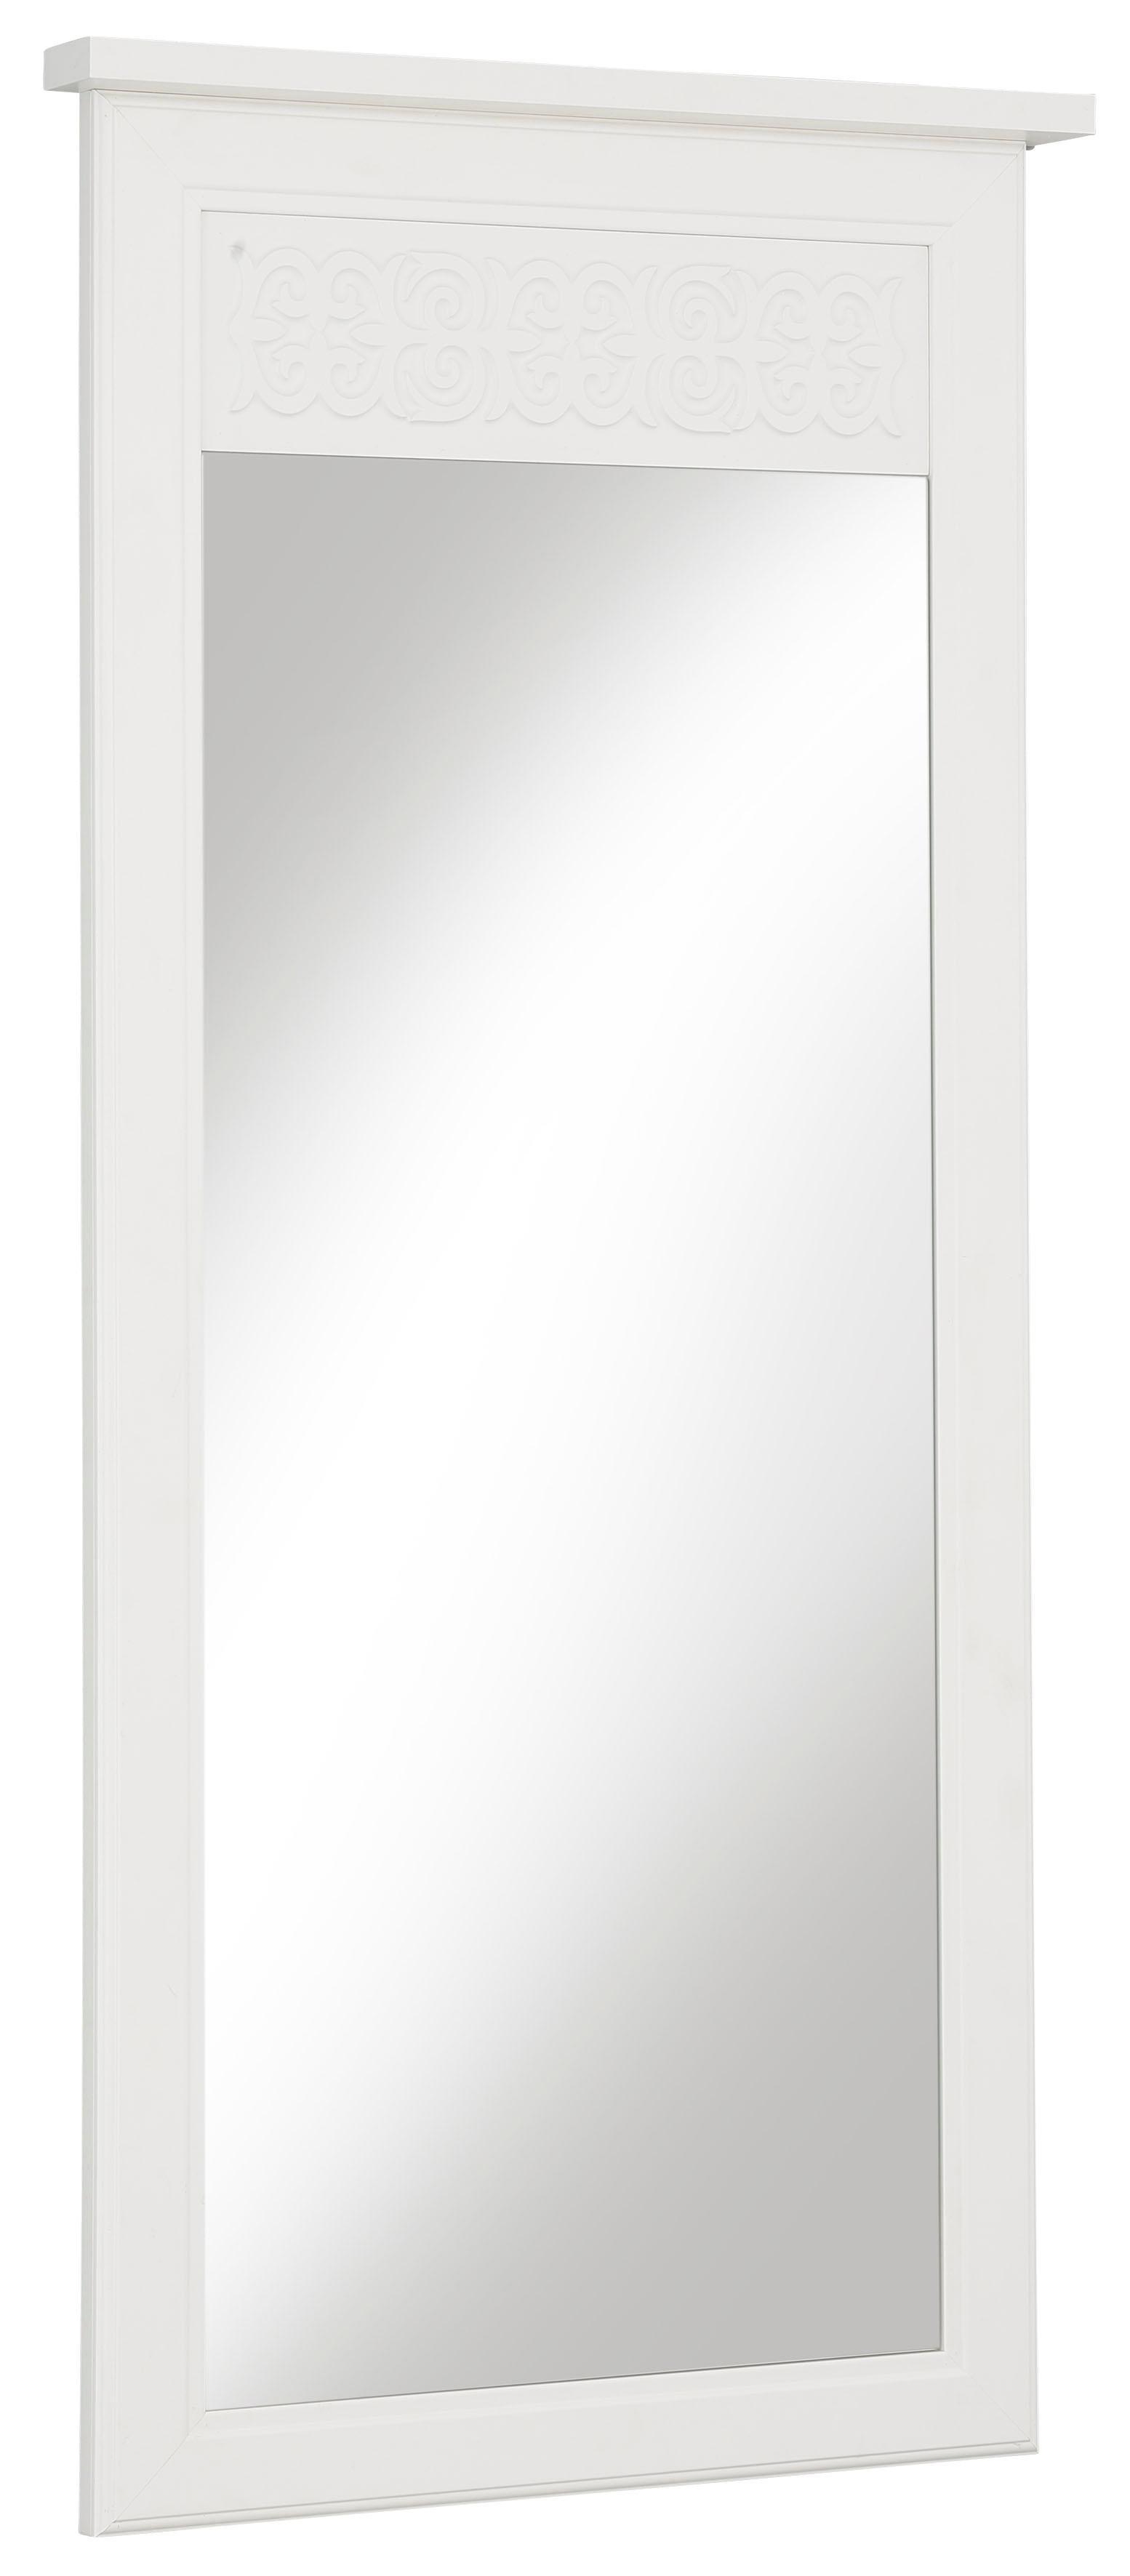 Home Affaire spiegel »Lucy« met hoekig spiegelvlak - verschillende betaalmethodes